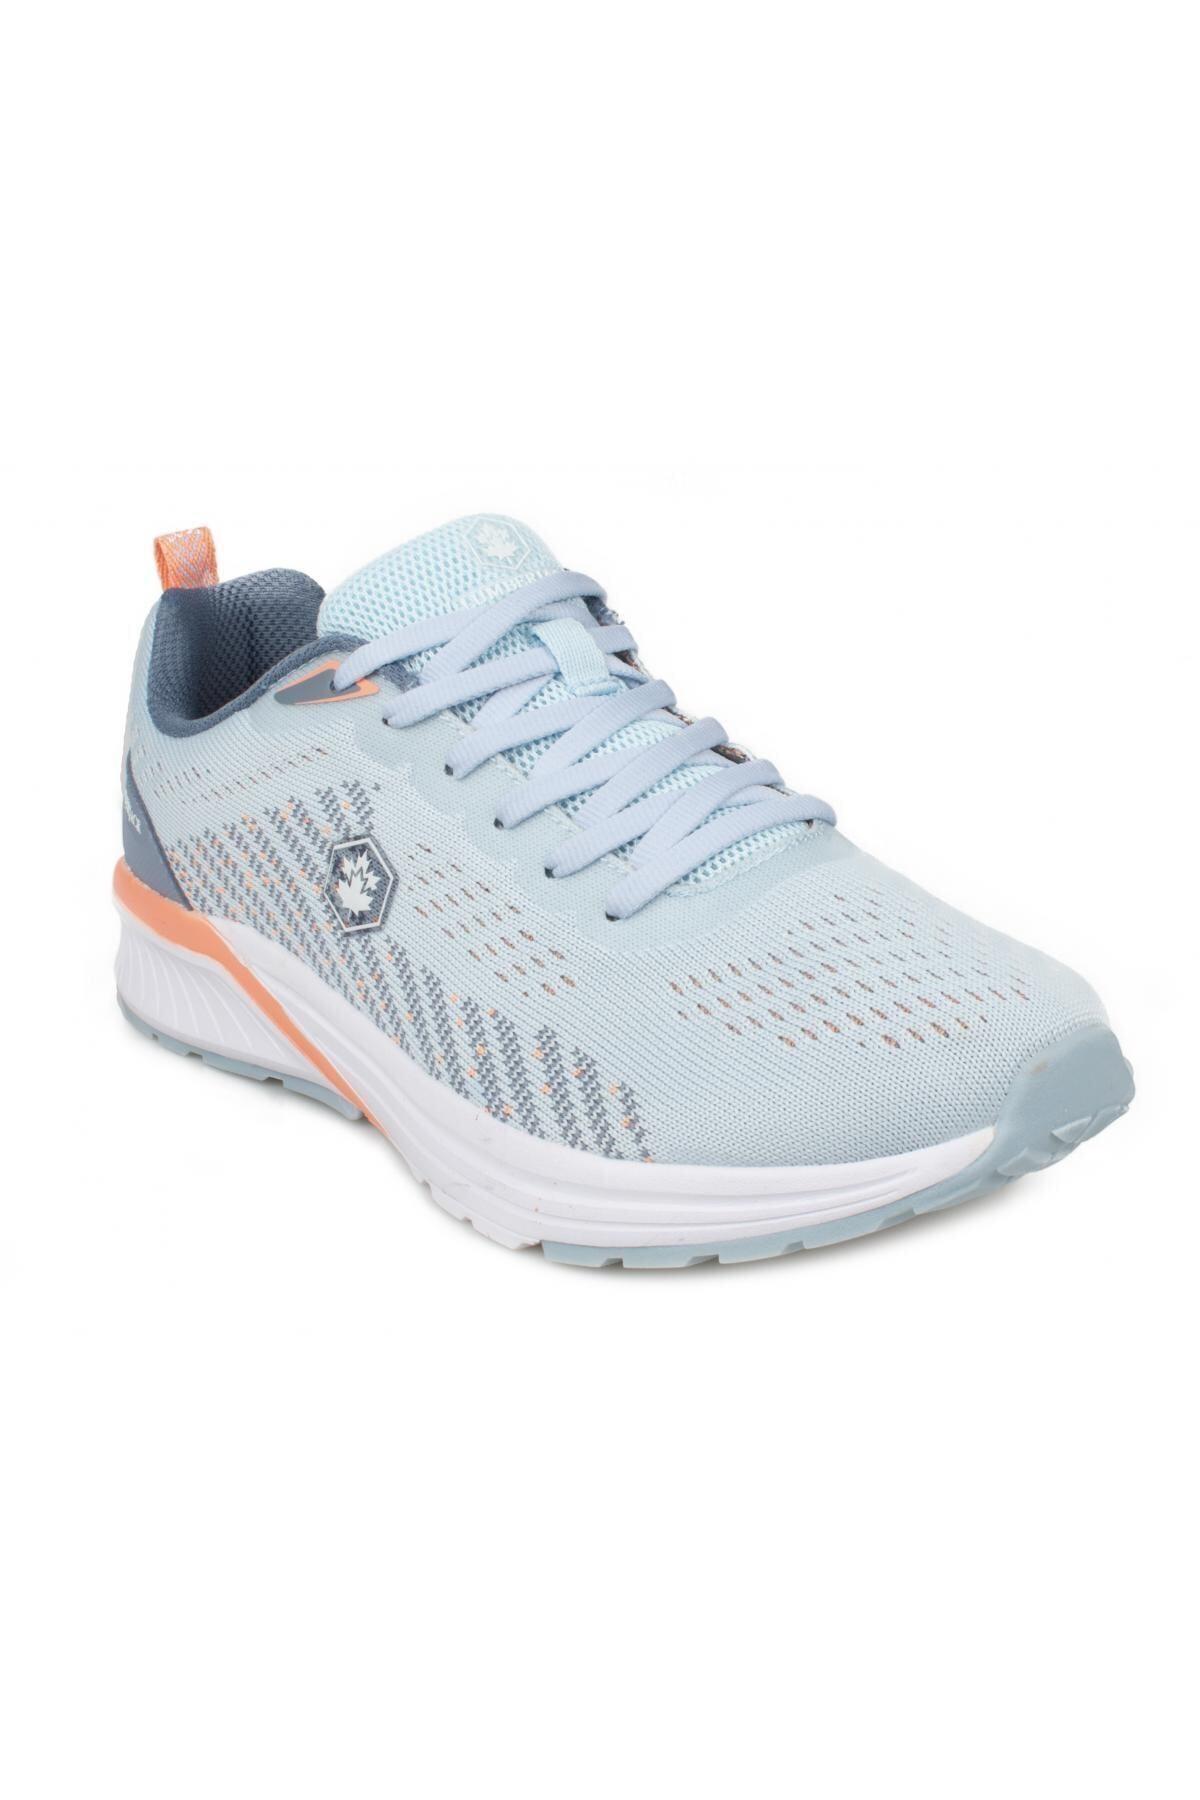 MARS WMN Mavi Kadın Koşu Ayakkabısı 100587189